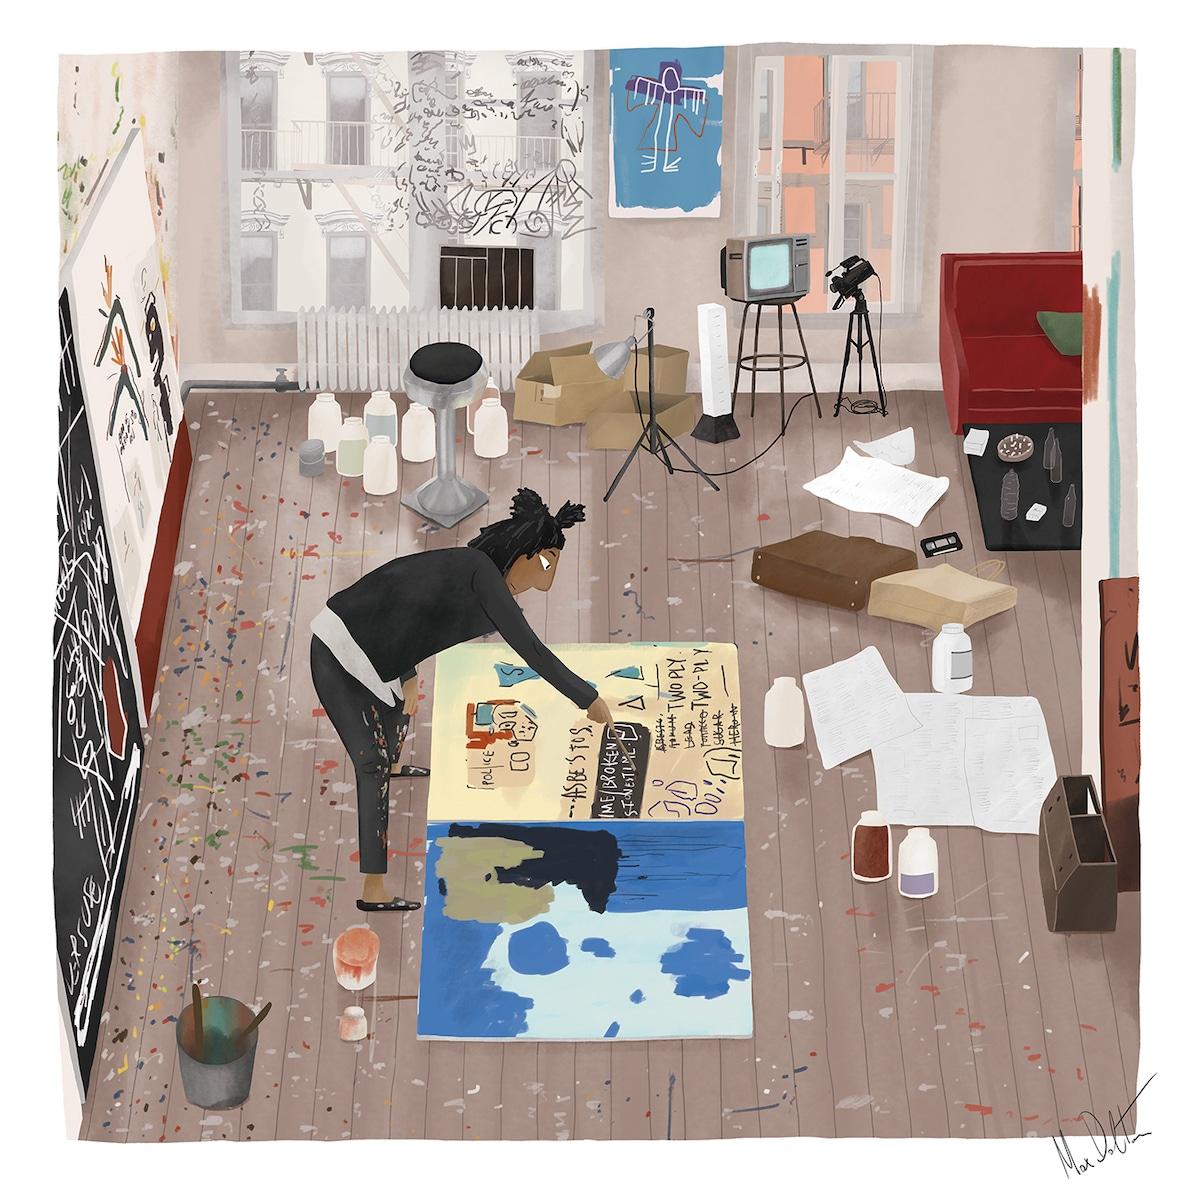 Painting of Basquiat in Studio